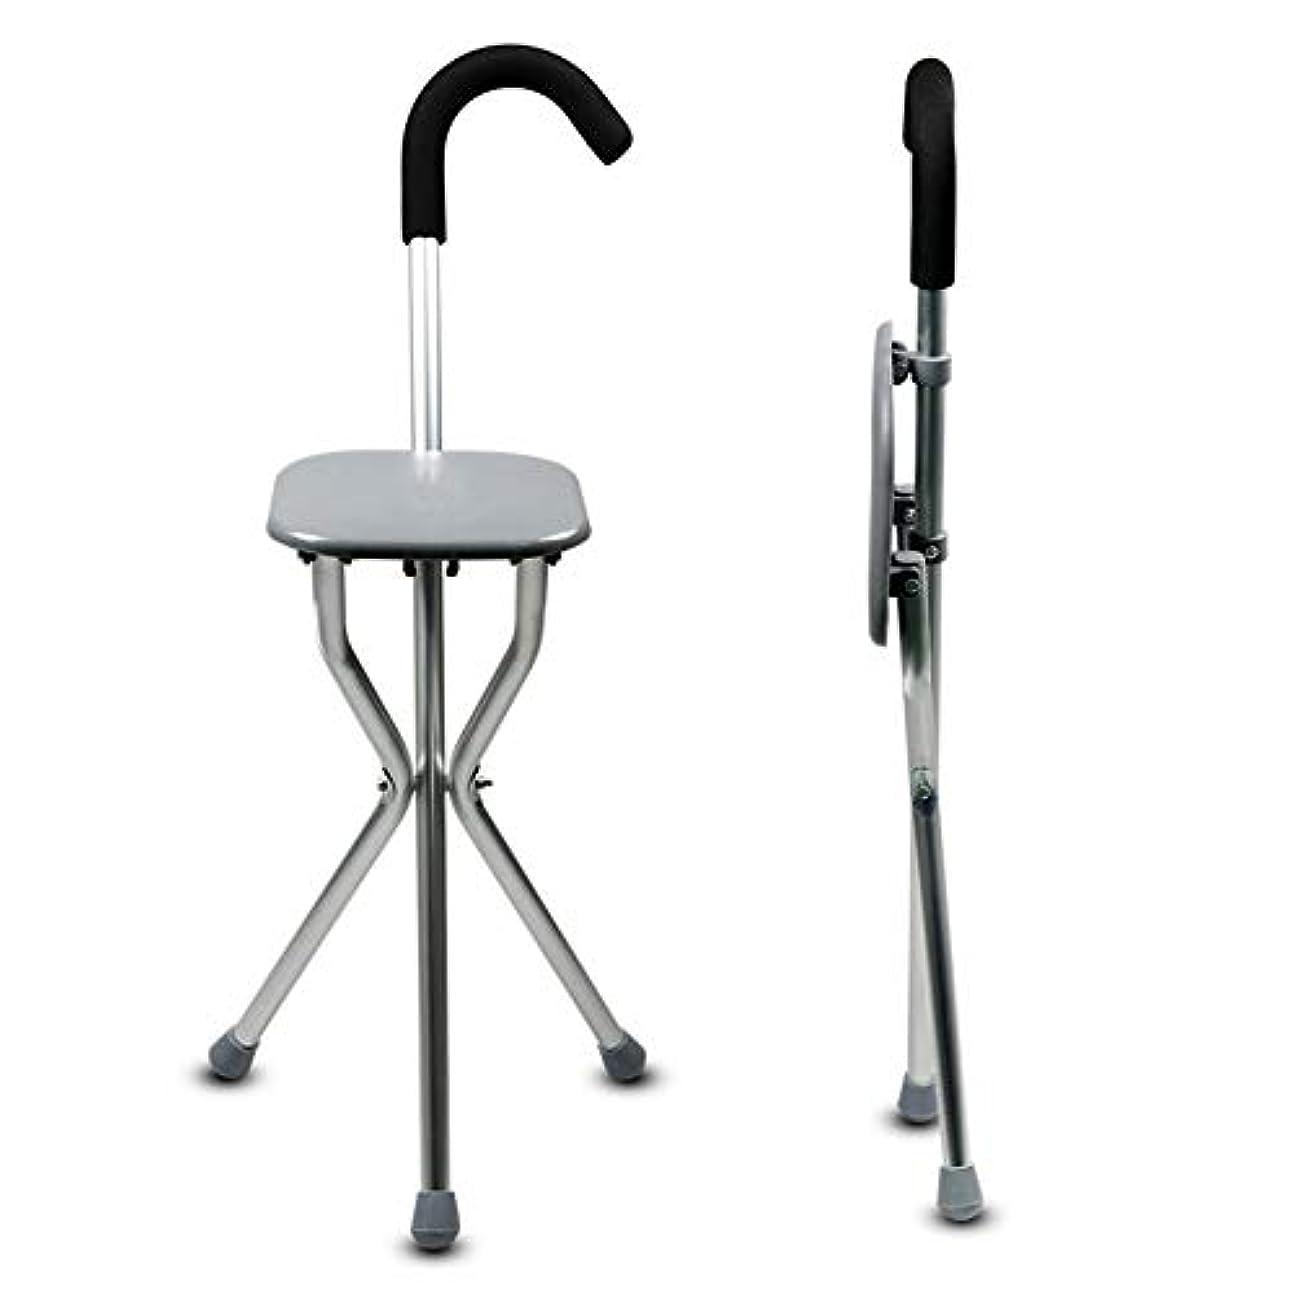 オーナメント教義提供された杖杖杖高齢者大人の杖スツール折りたたみ座席折りたたみ式の折りたたみ式の滑り止めの三角形の4つの足に座ることができます